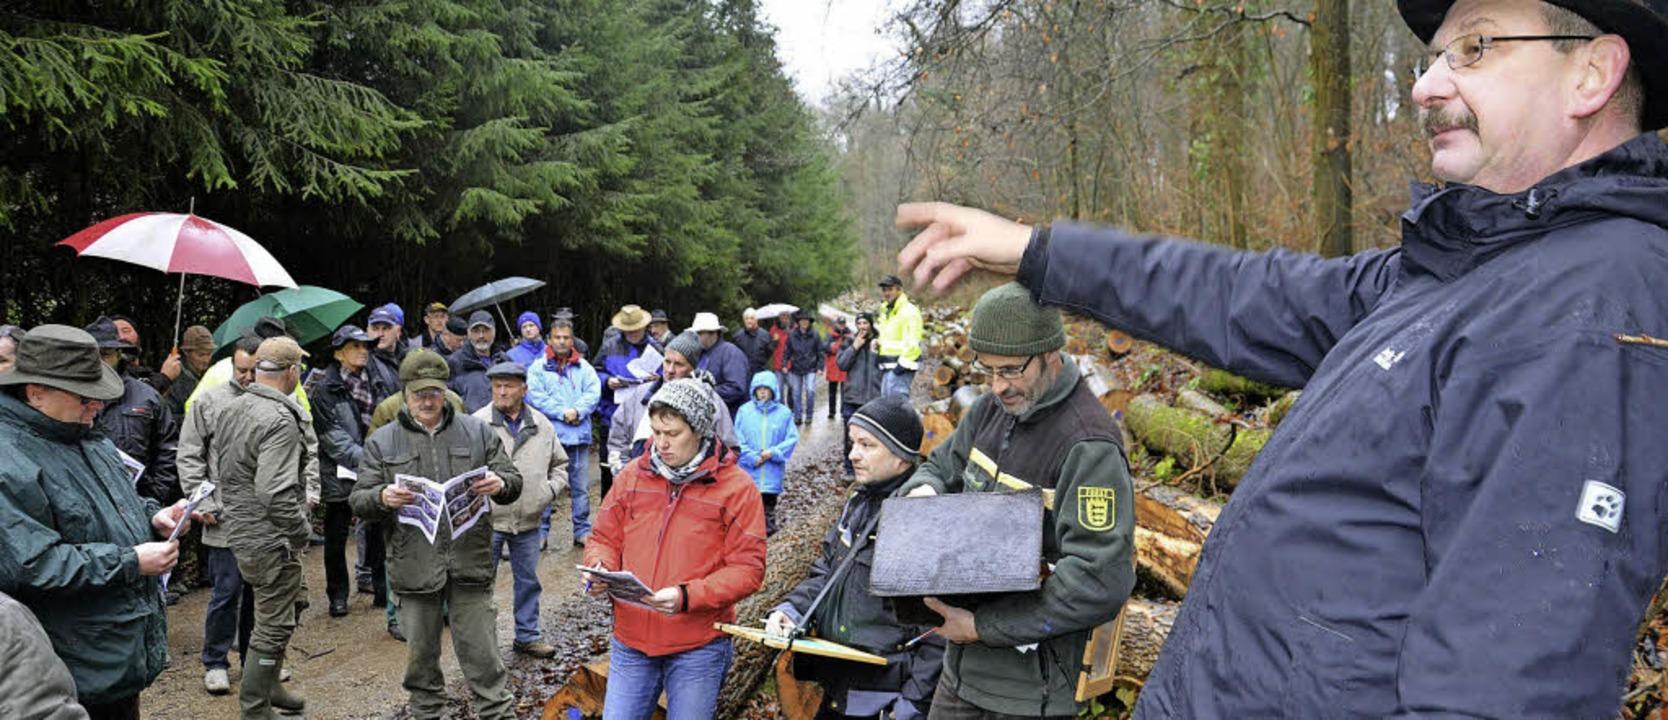 Gemeinsam versteigerten Richard Ludin,...(im Bild von rechts nach links) Holz.   | Foto: Marco Schopferer